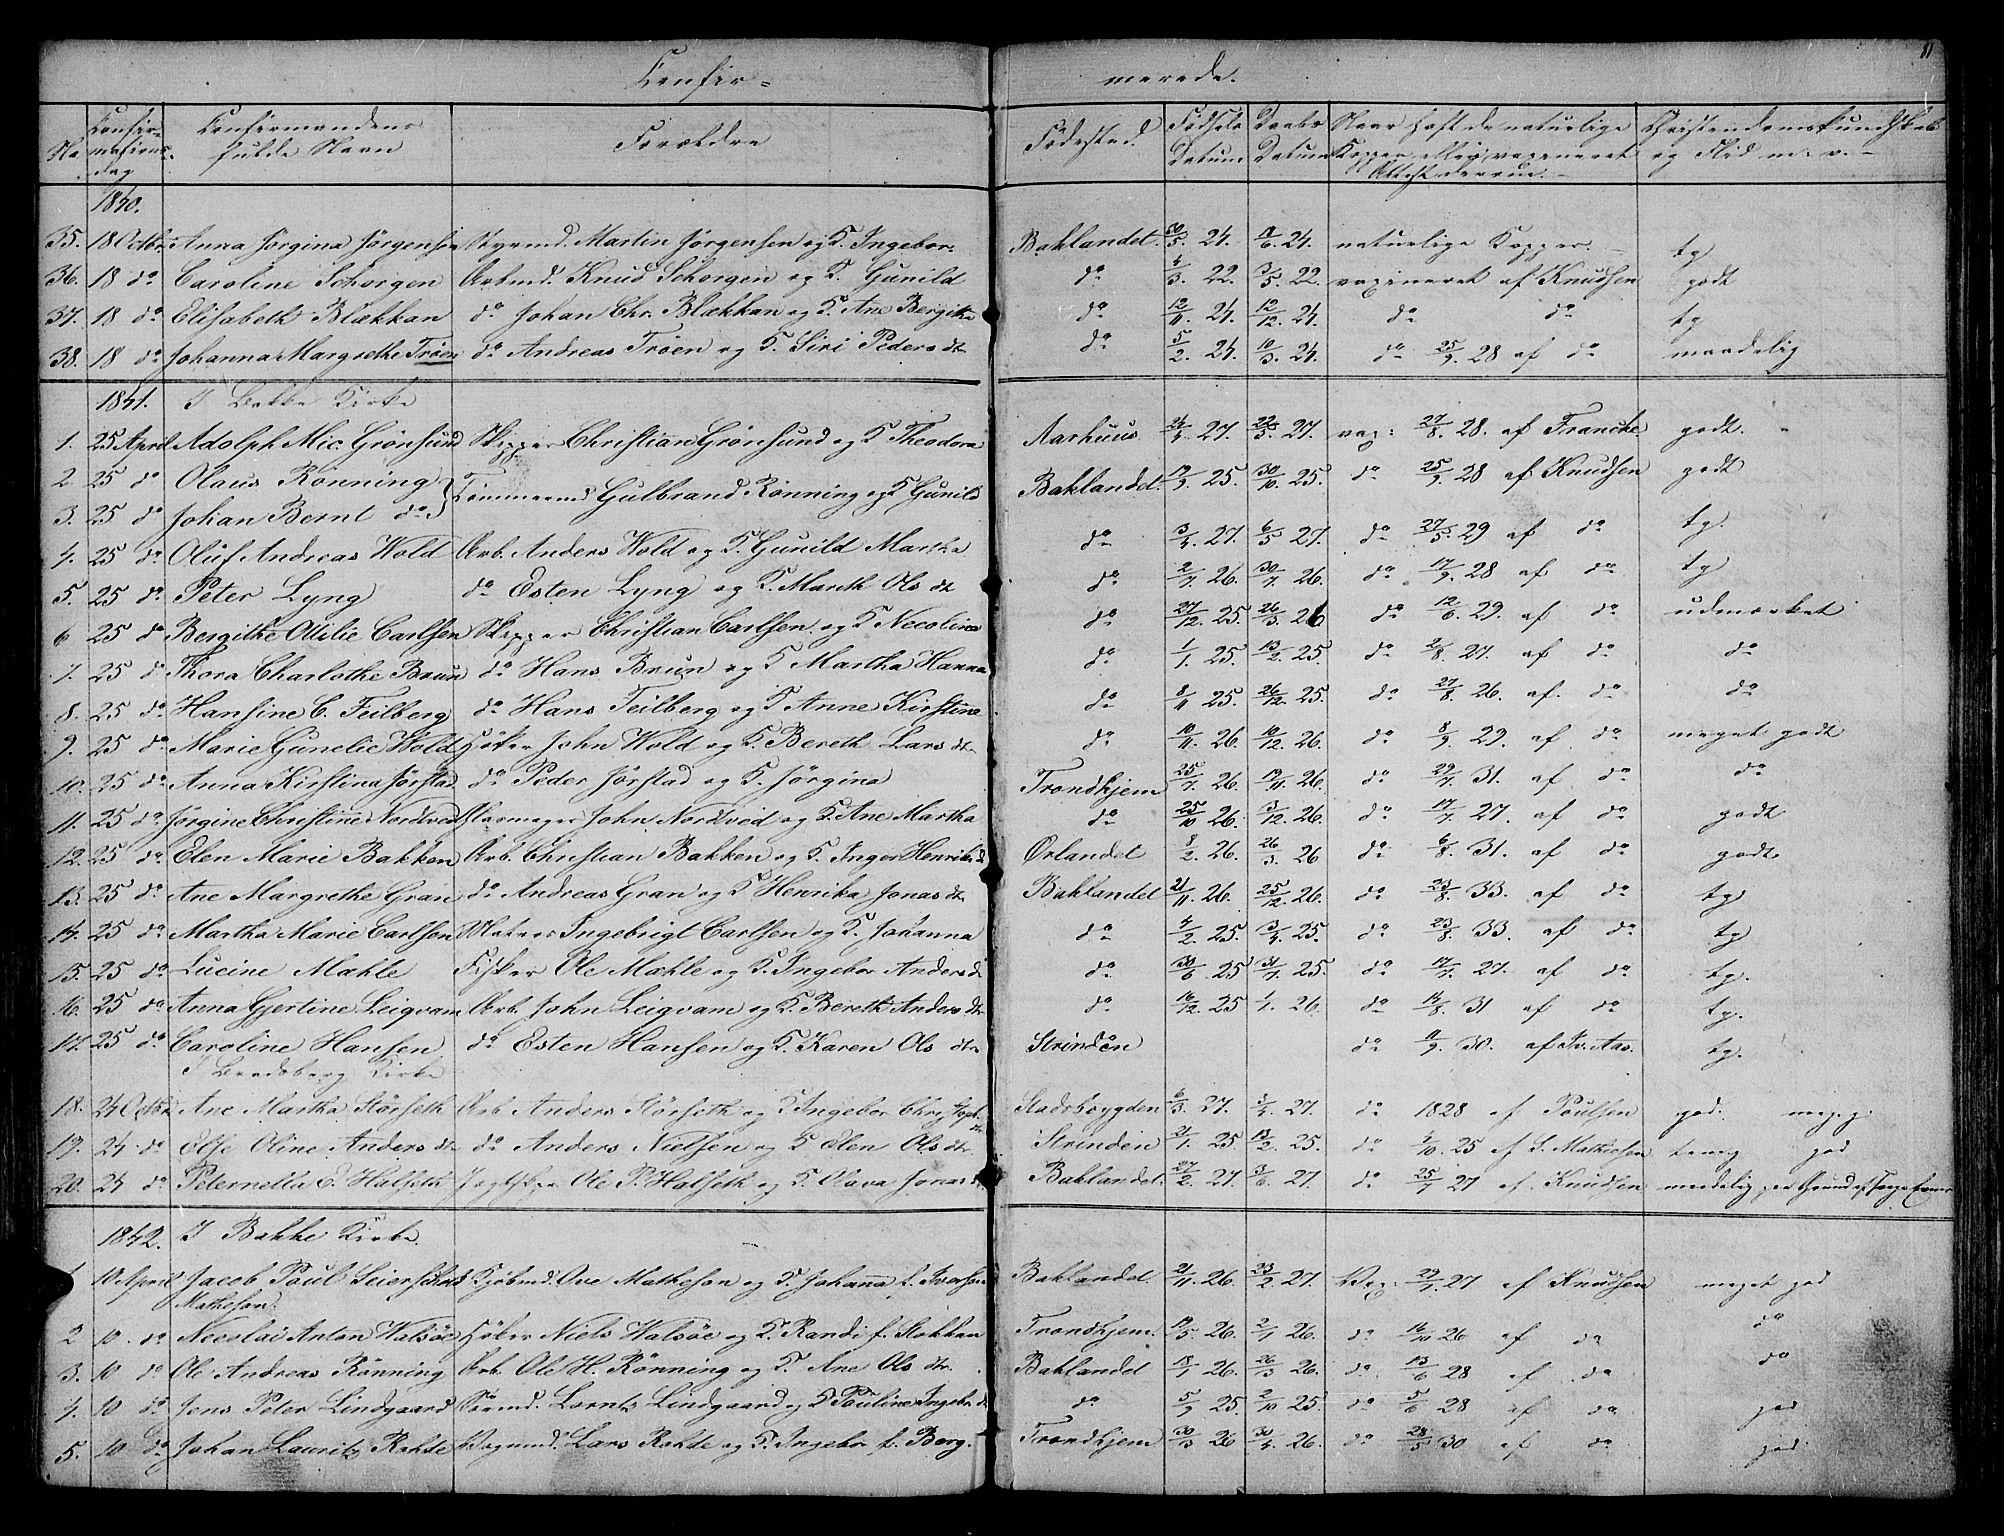 SAT, Ministerialprotokoller, klokkerbøker og fødselsregistre - Sør-Trøndelag, 604/L0182: Ministerialbok nr. 604A03, 1818-1850, s. 81